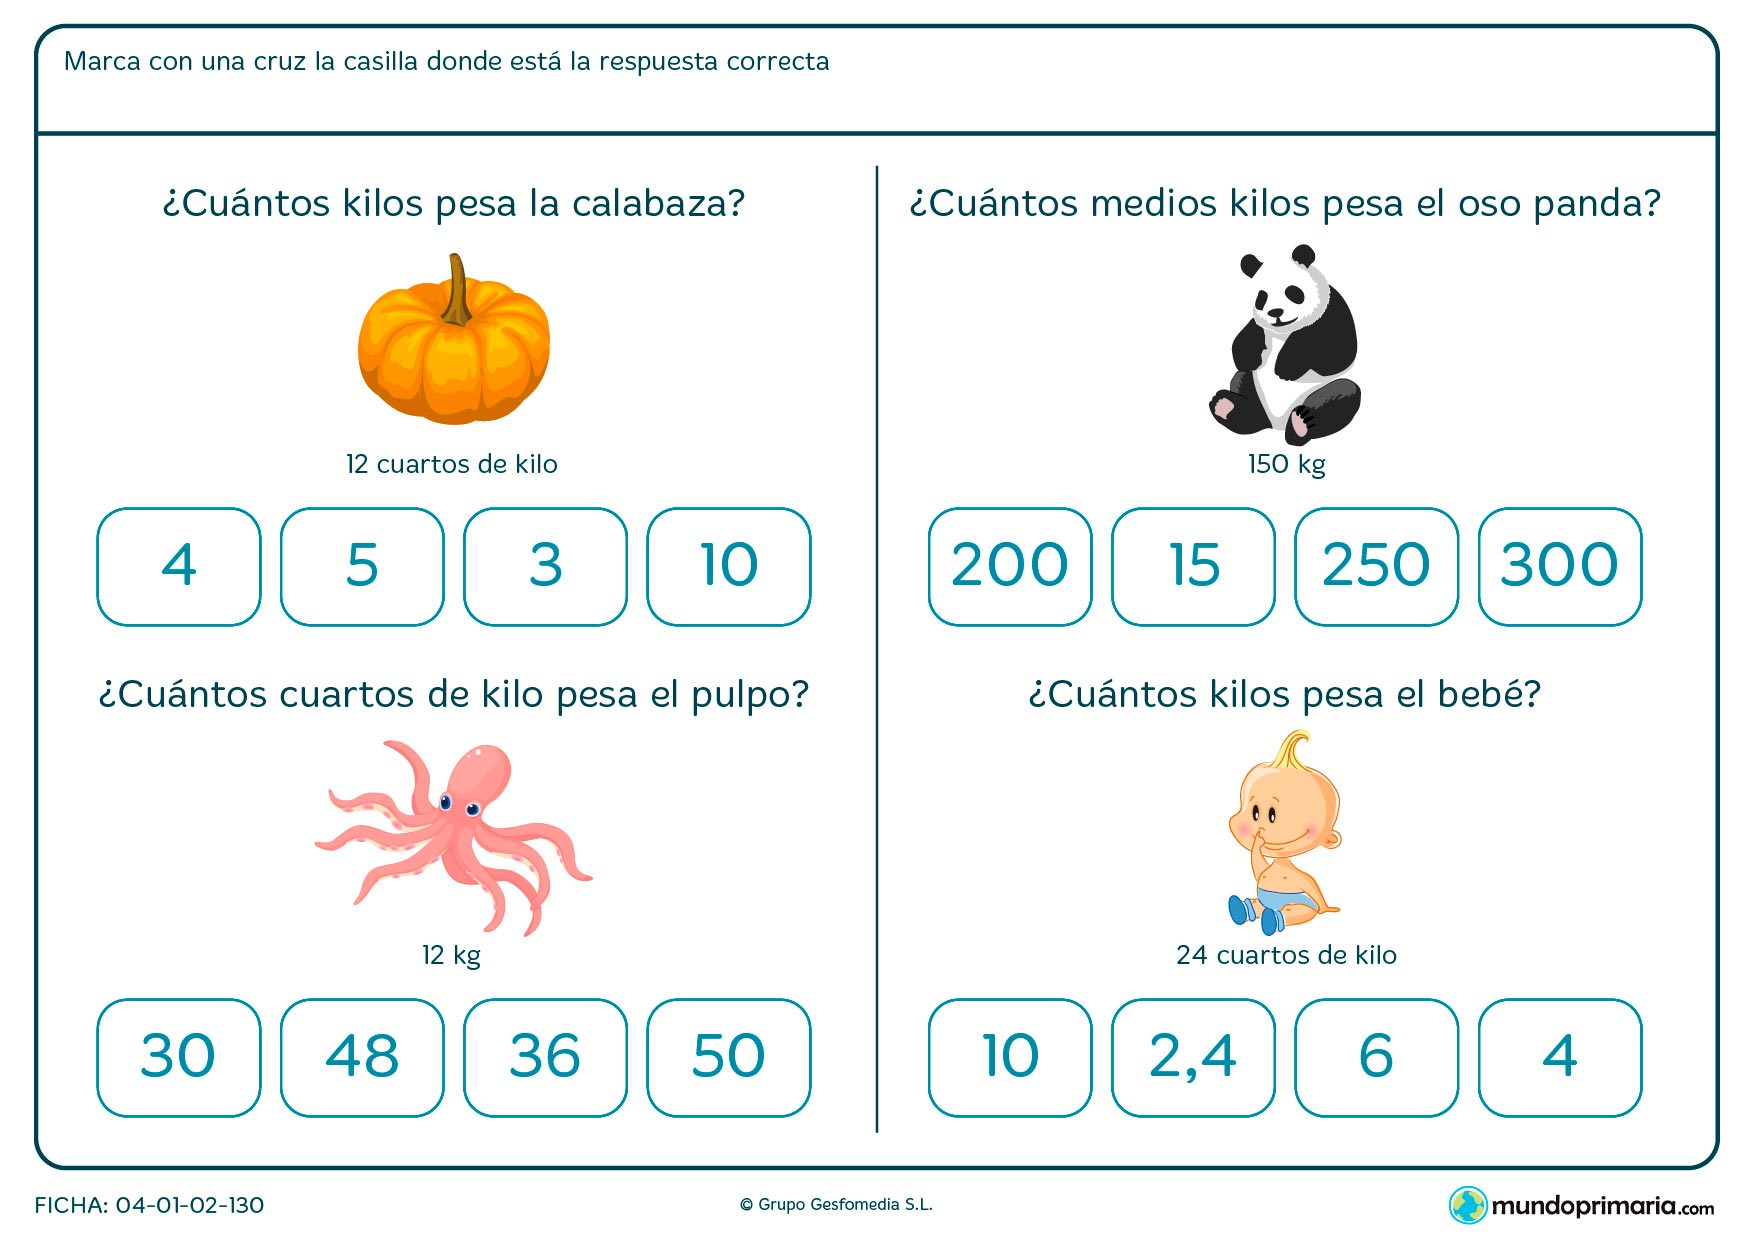 Ficha de cálculo de peso de objetos para niños de Primaria en la que tendrán que seleccionar la opción que se corresponde con el peso que se da de referencia.